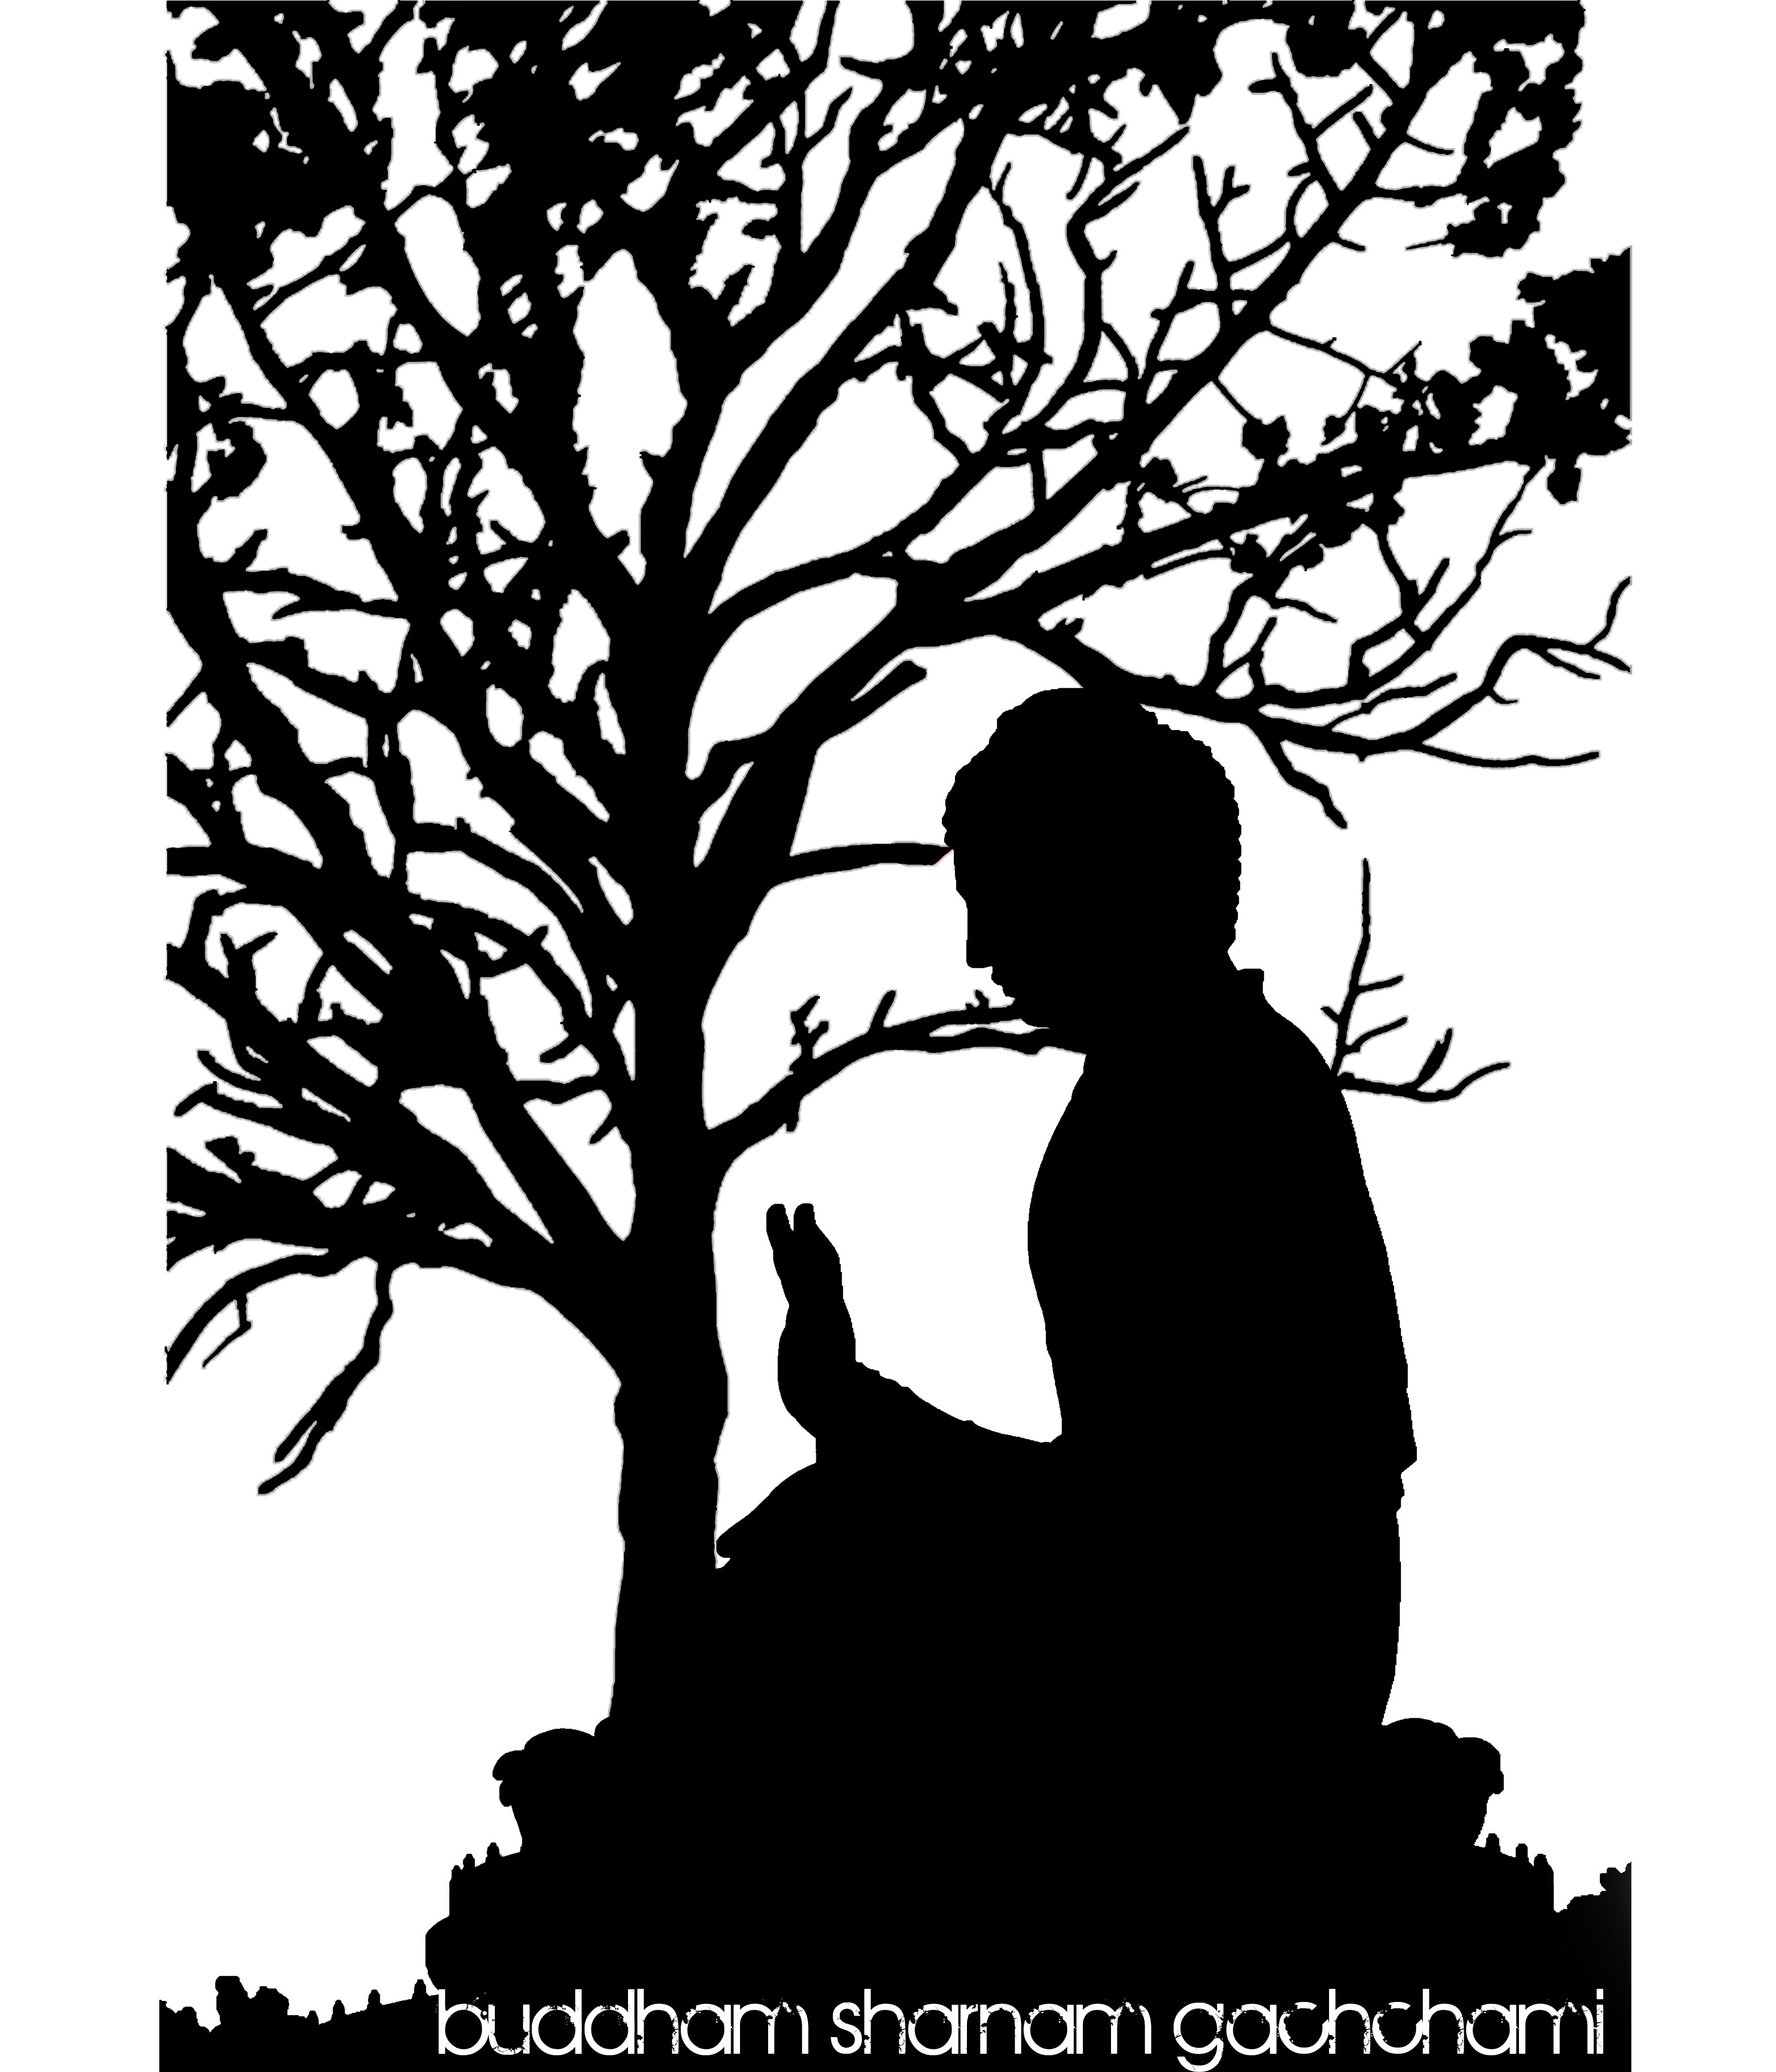 BUDDHAM SARNAM GACHCHAMI I go to the Buddha for refuge. Dhammam.